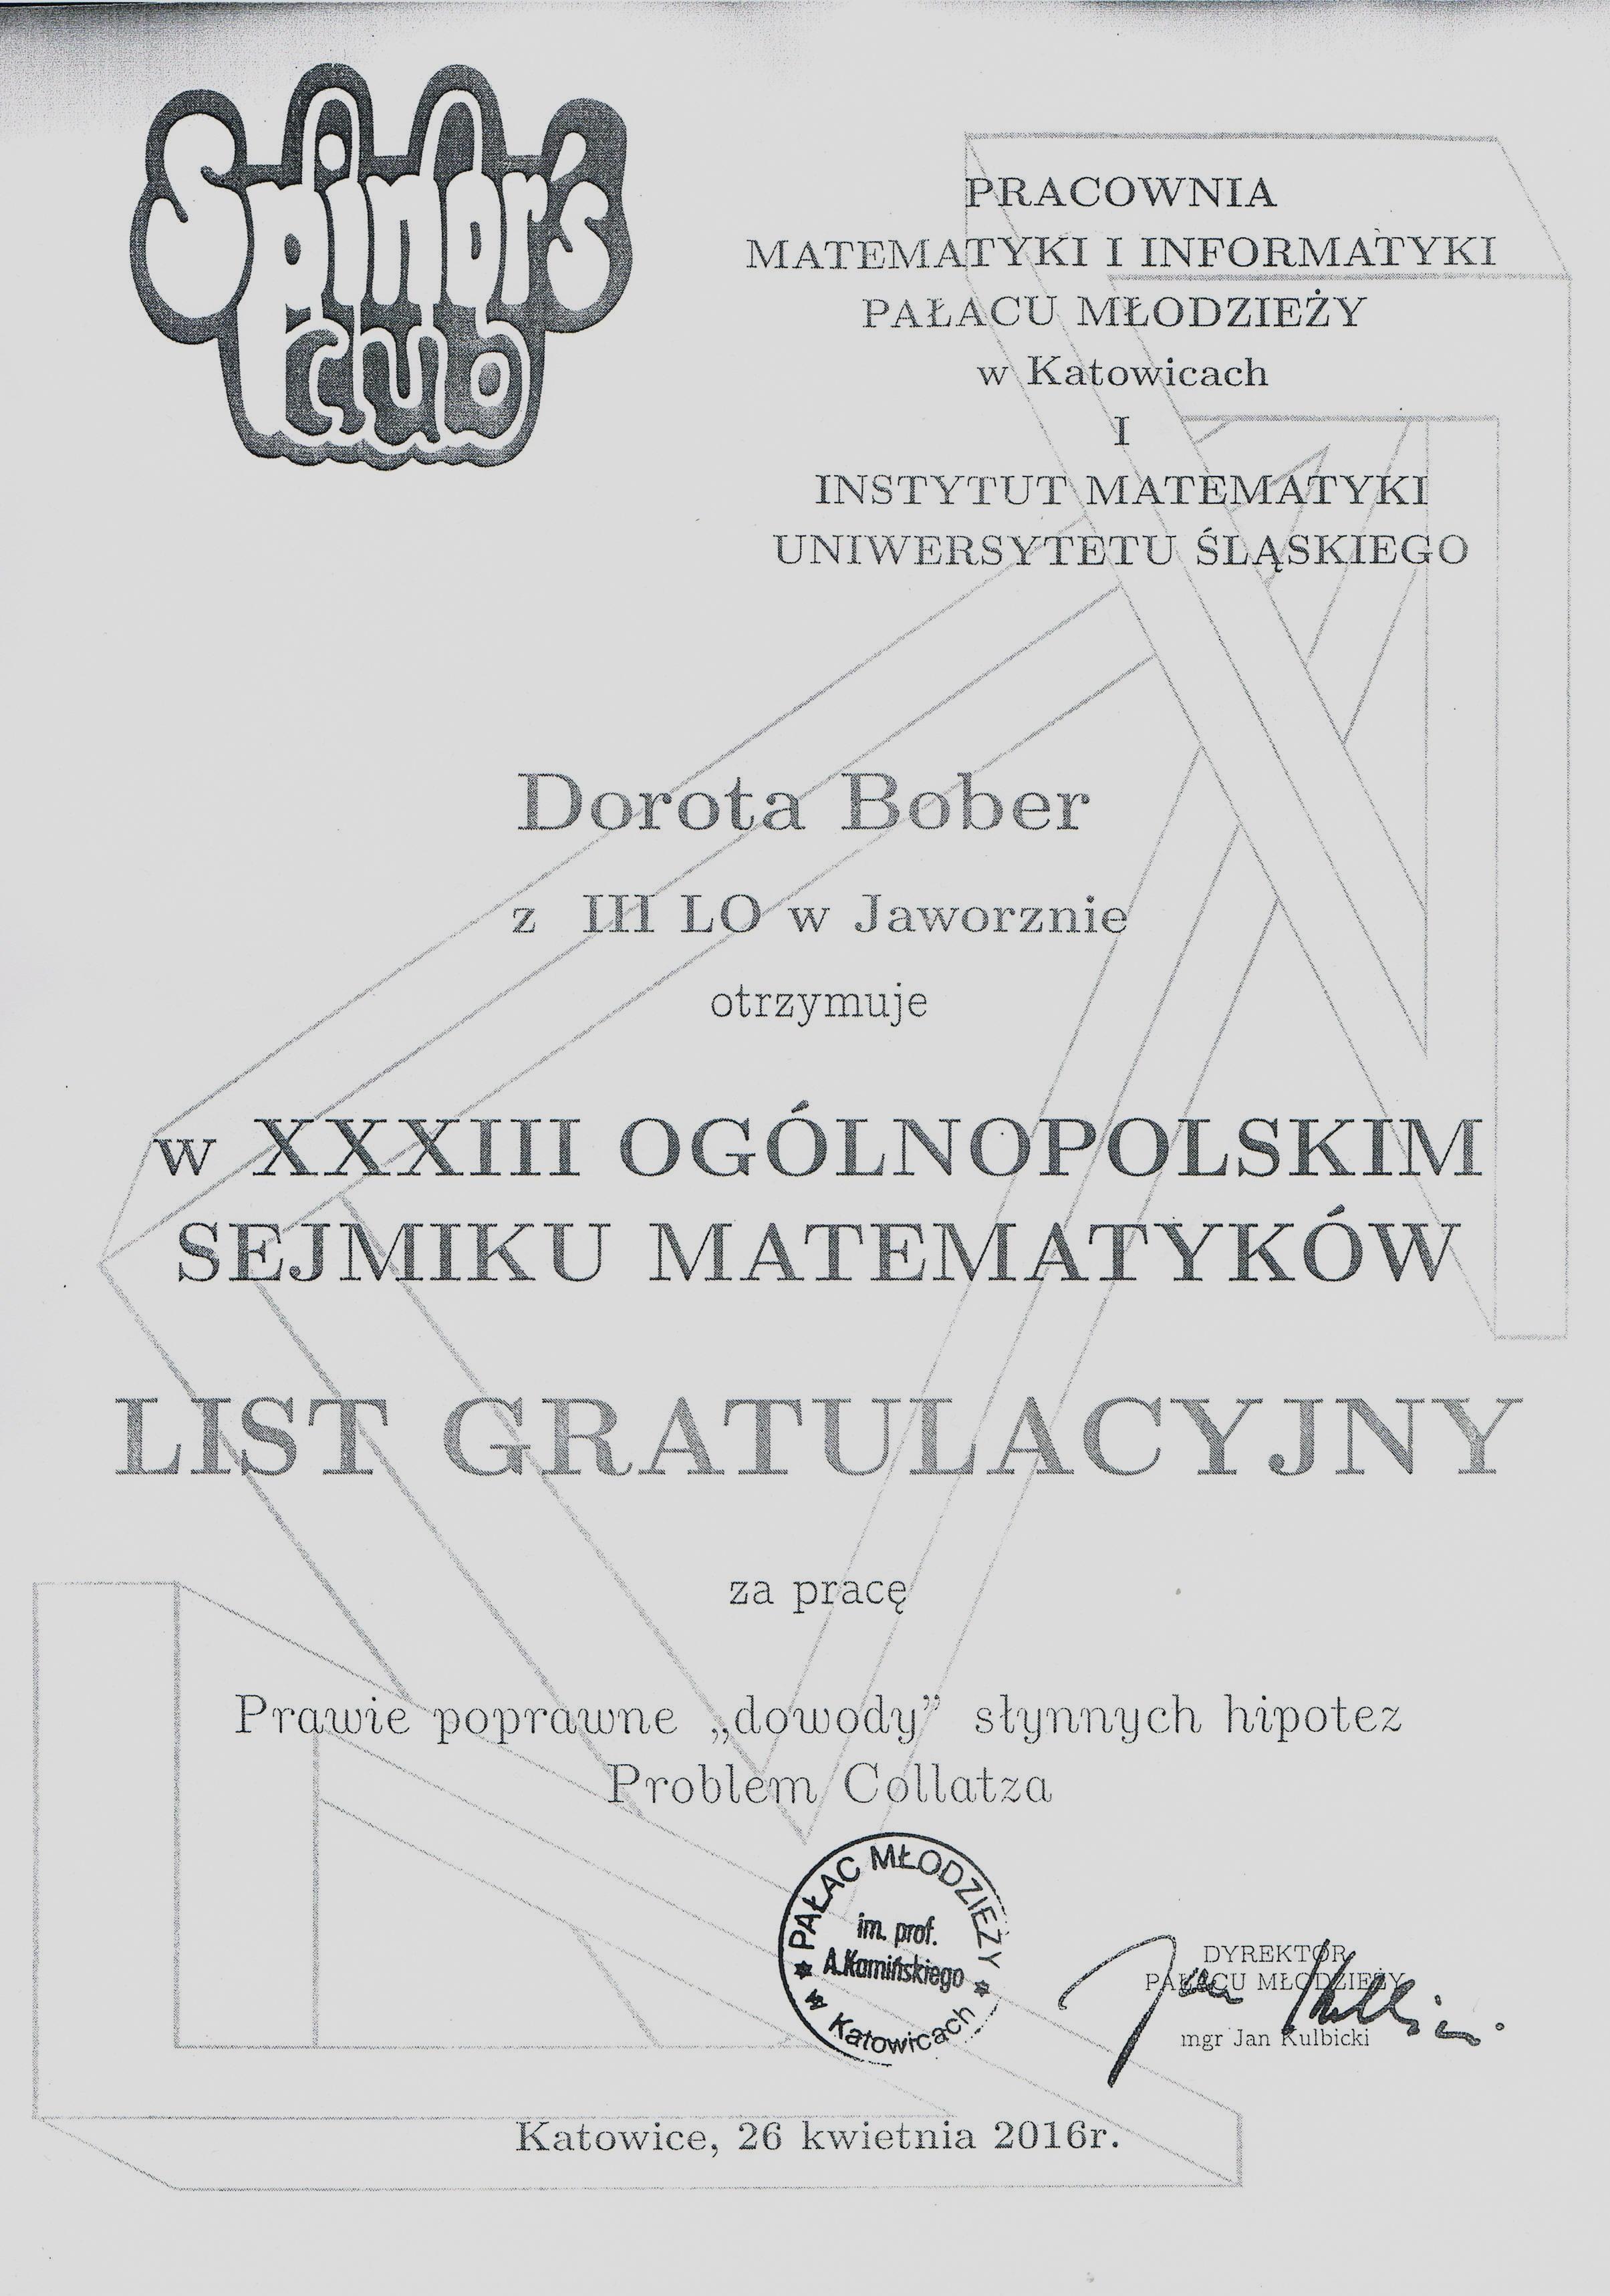 XXXIII Ogólnopolski Sejmik Matematyków